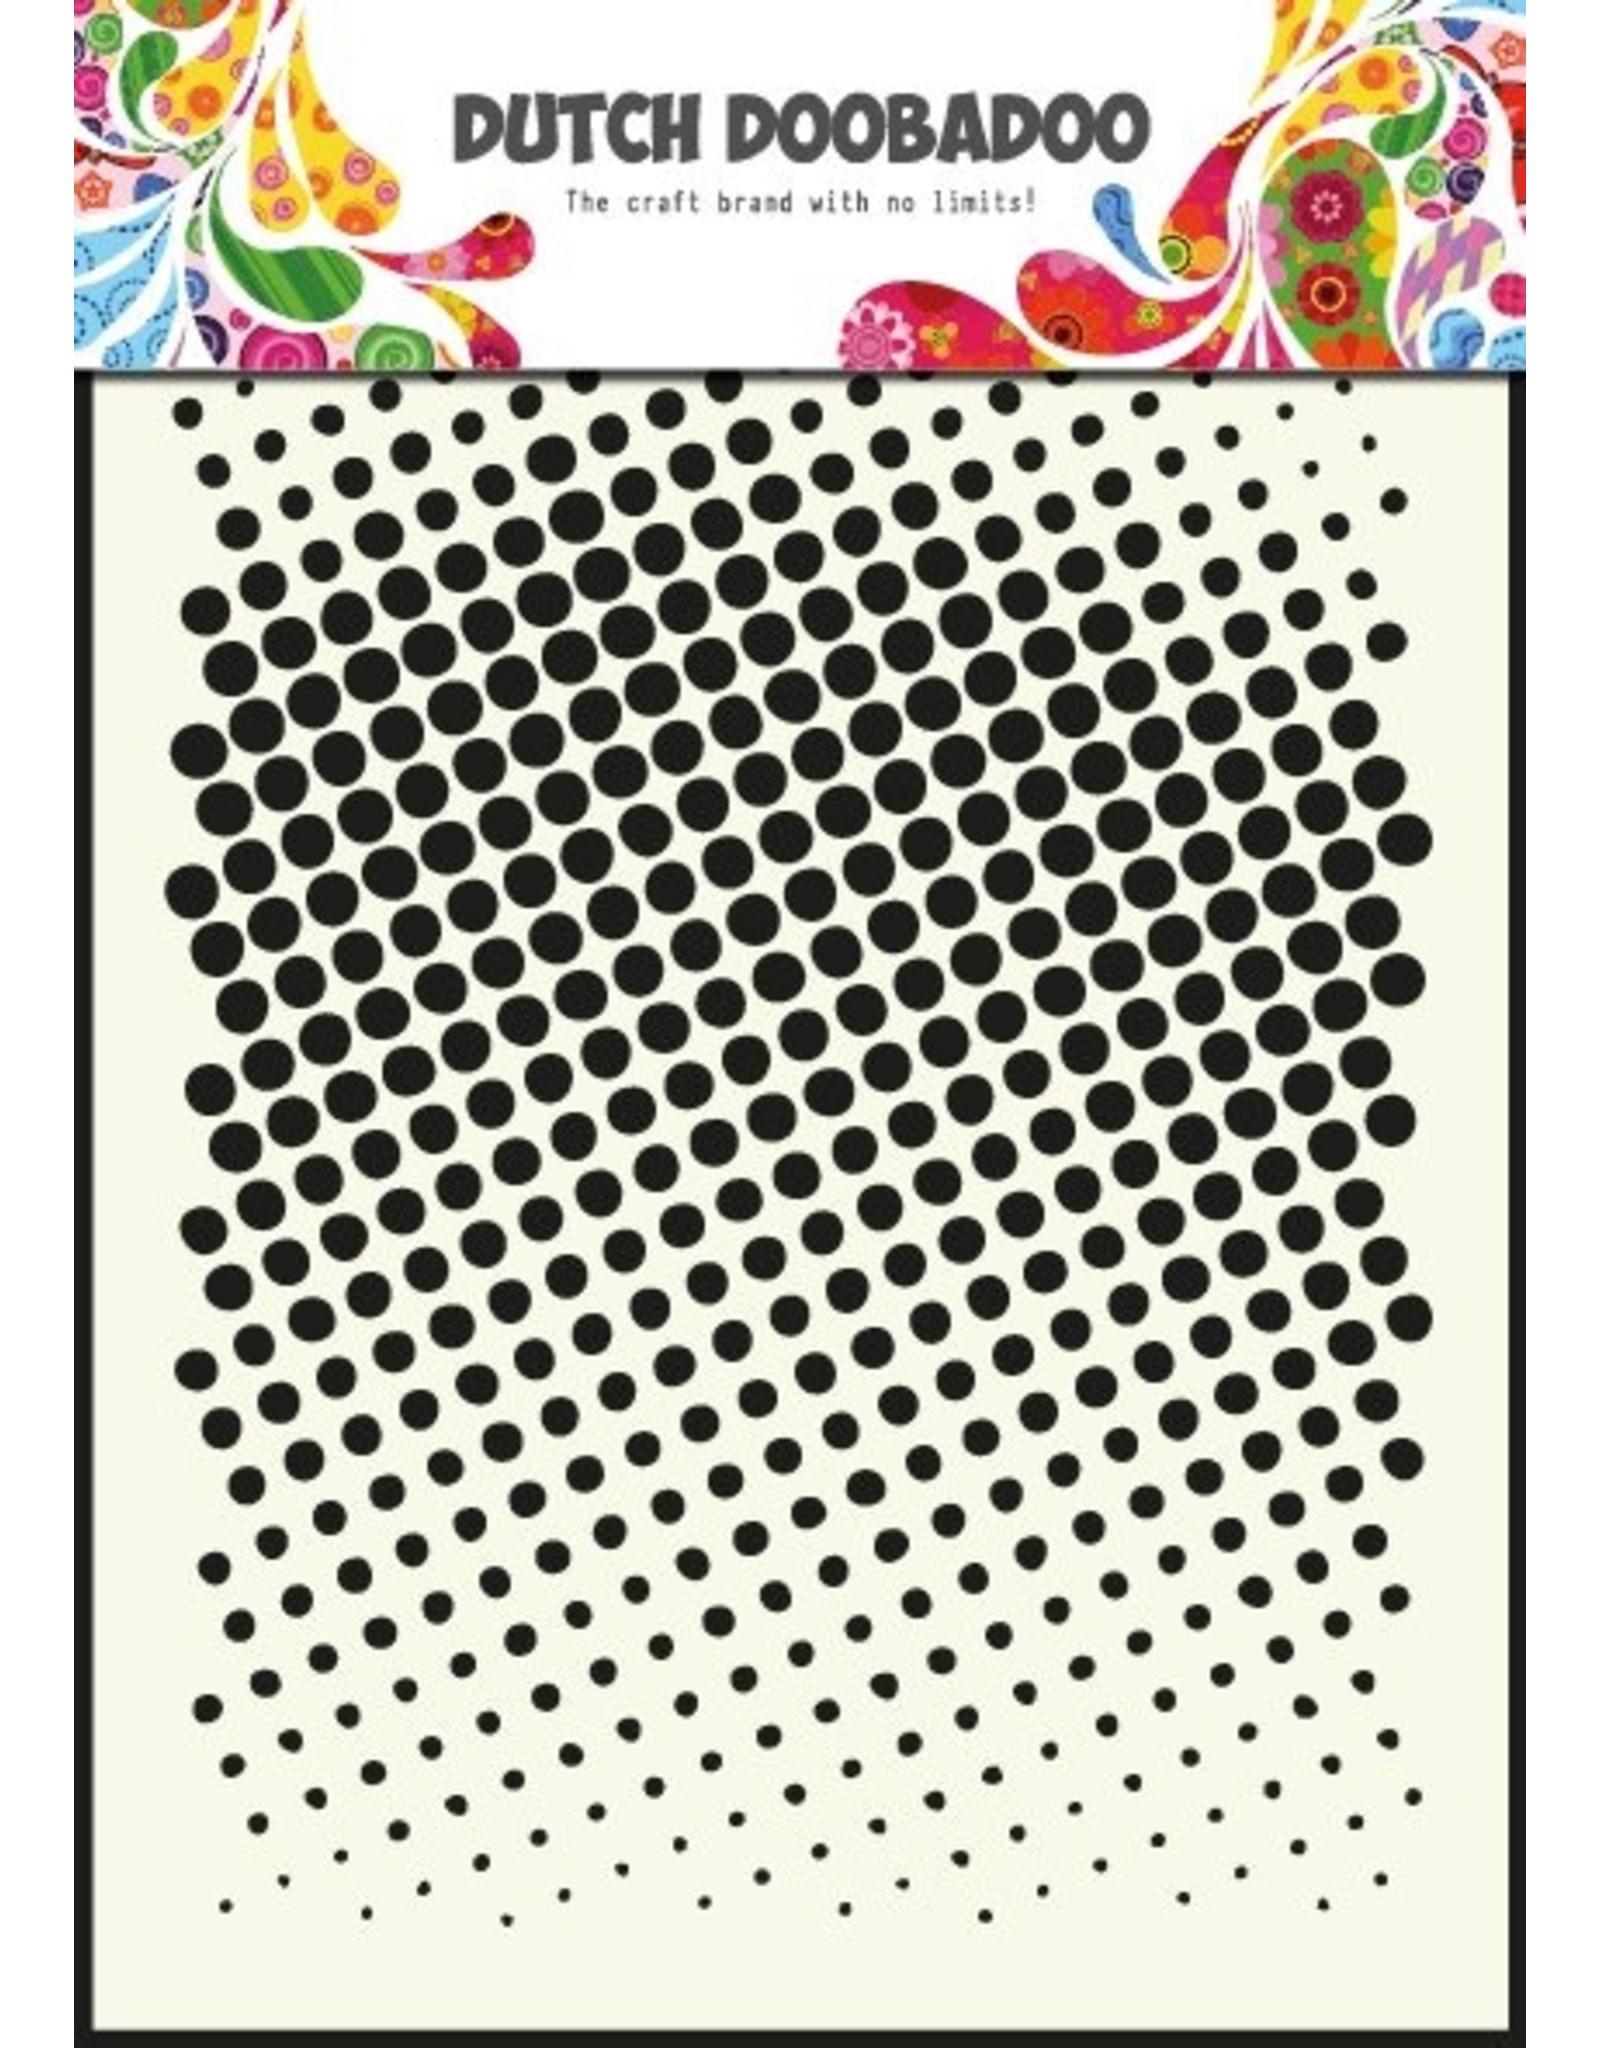 Dutch Doobadoo Dutch Mask Art A5 Faded dots